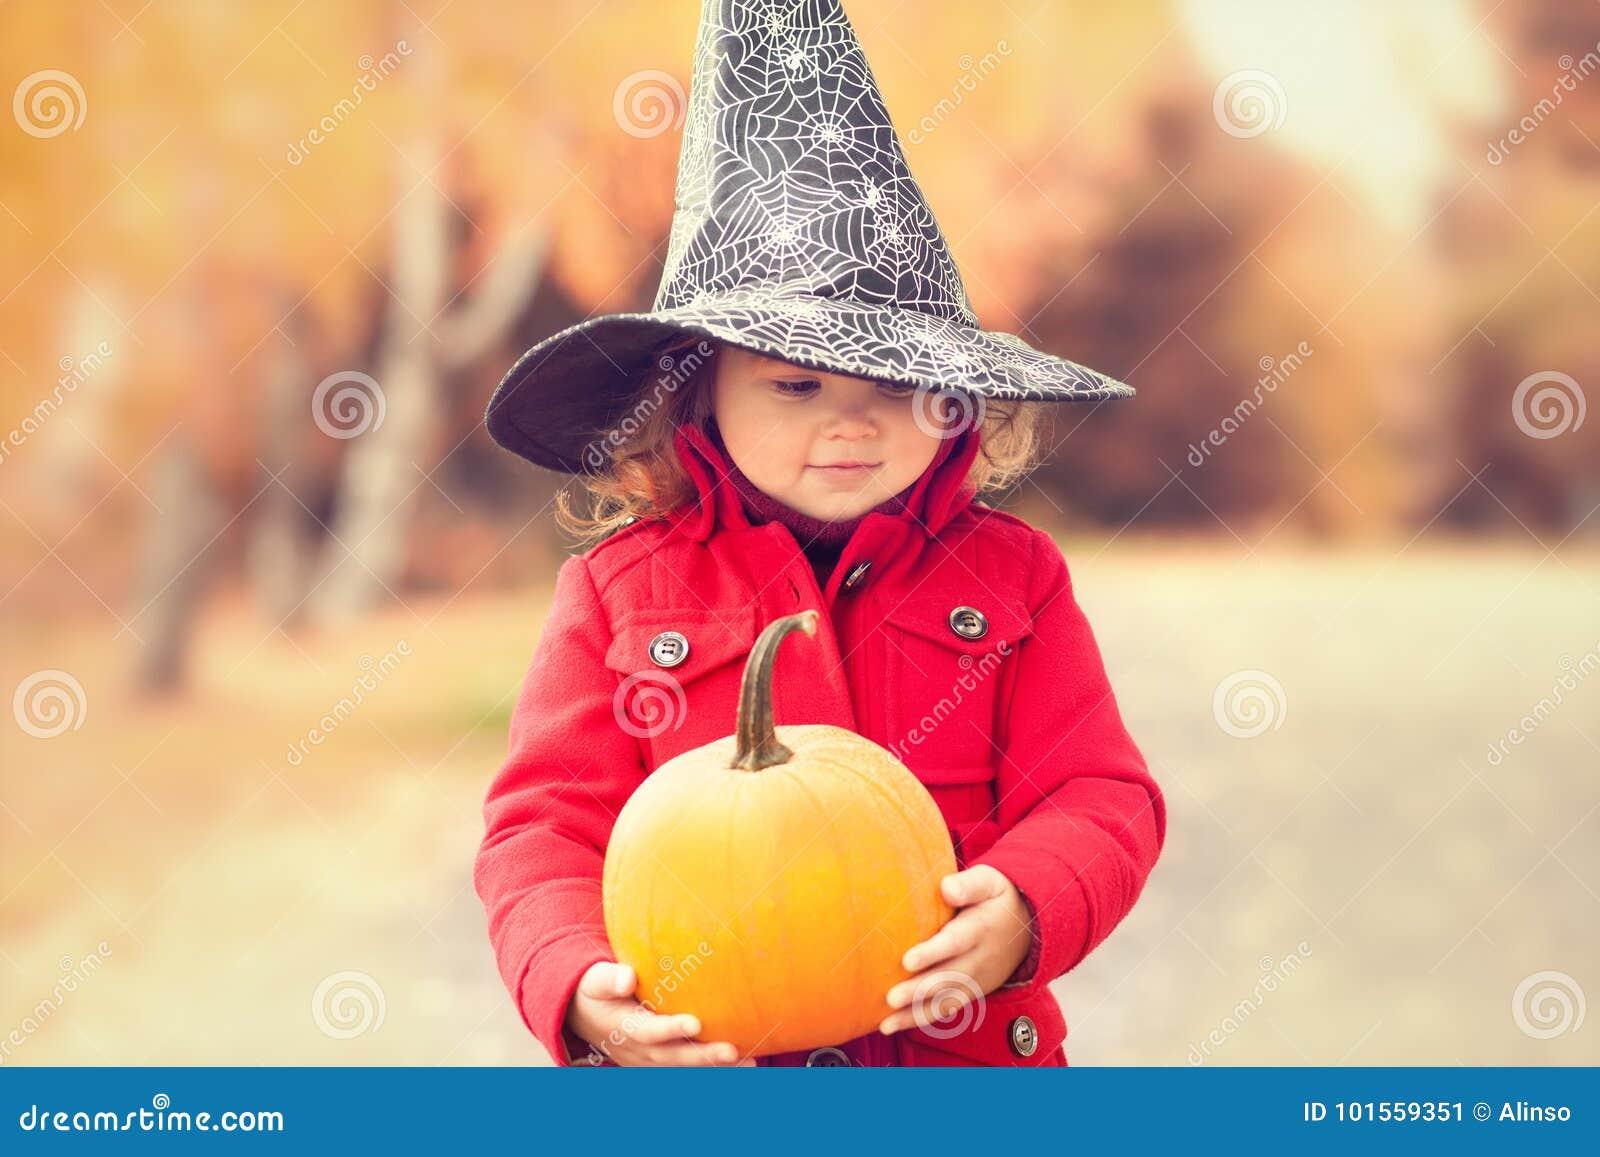 Μικρό κορίτσι που φορά το καπέλο μαγισσών αποκριών και το θερμό κόκκινο παλτό, που έχουν τη διασκέδαση στην ημέρα φθινοπώρου